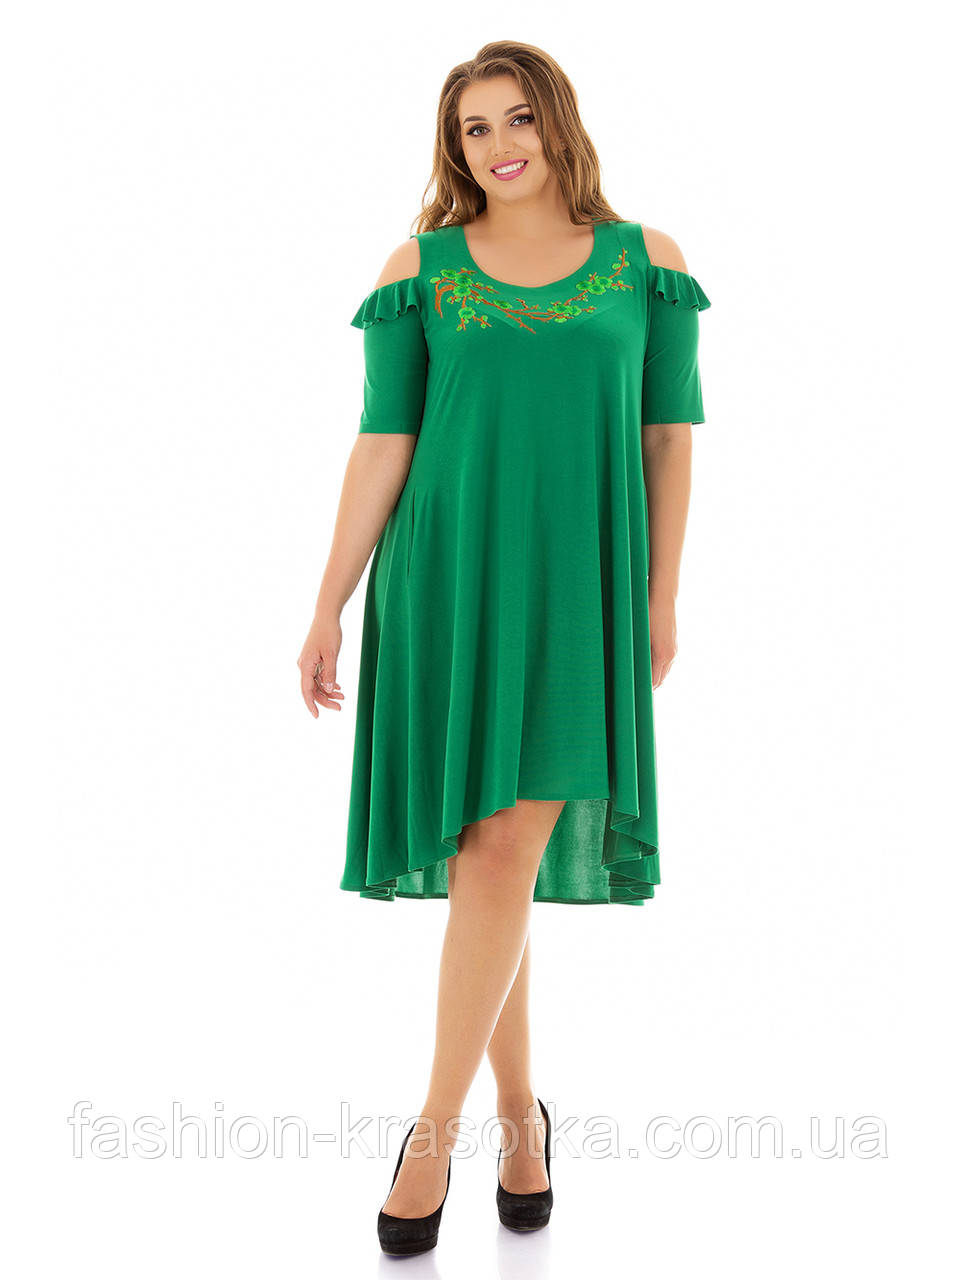 Нарядное женское платье больших размеров отшив под заказ